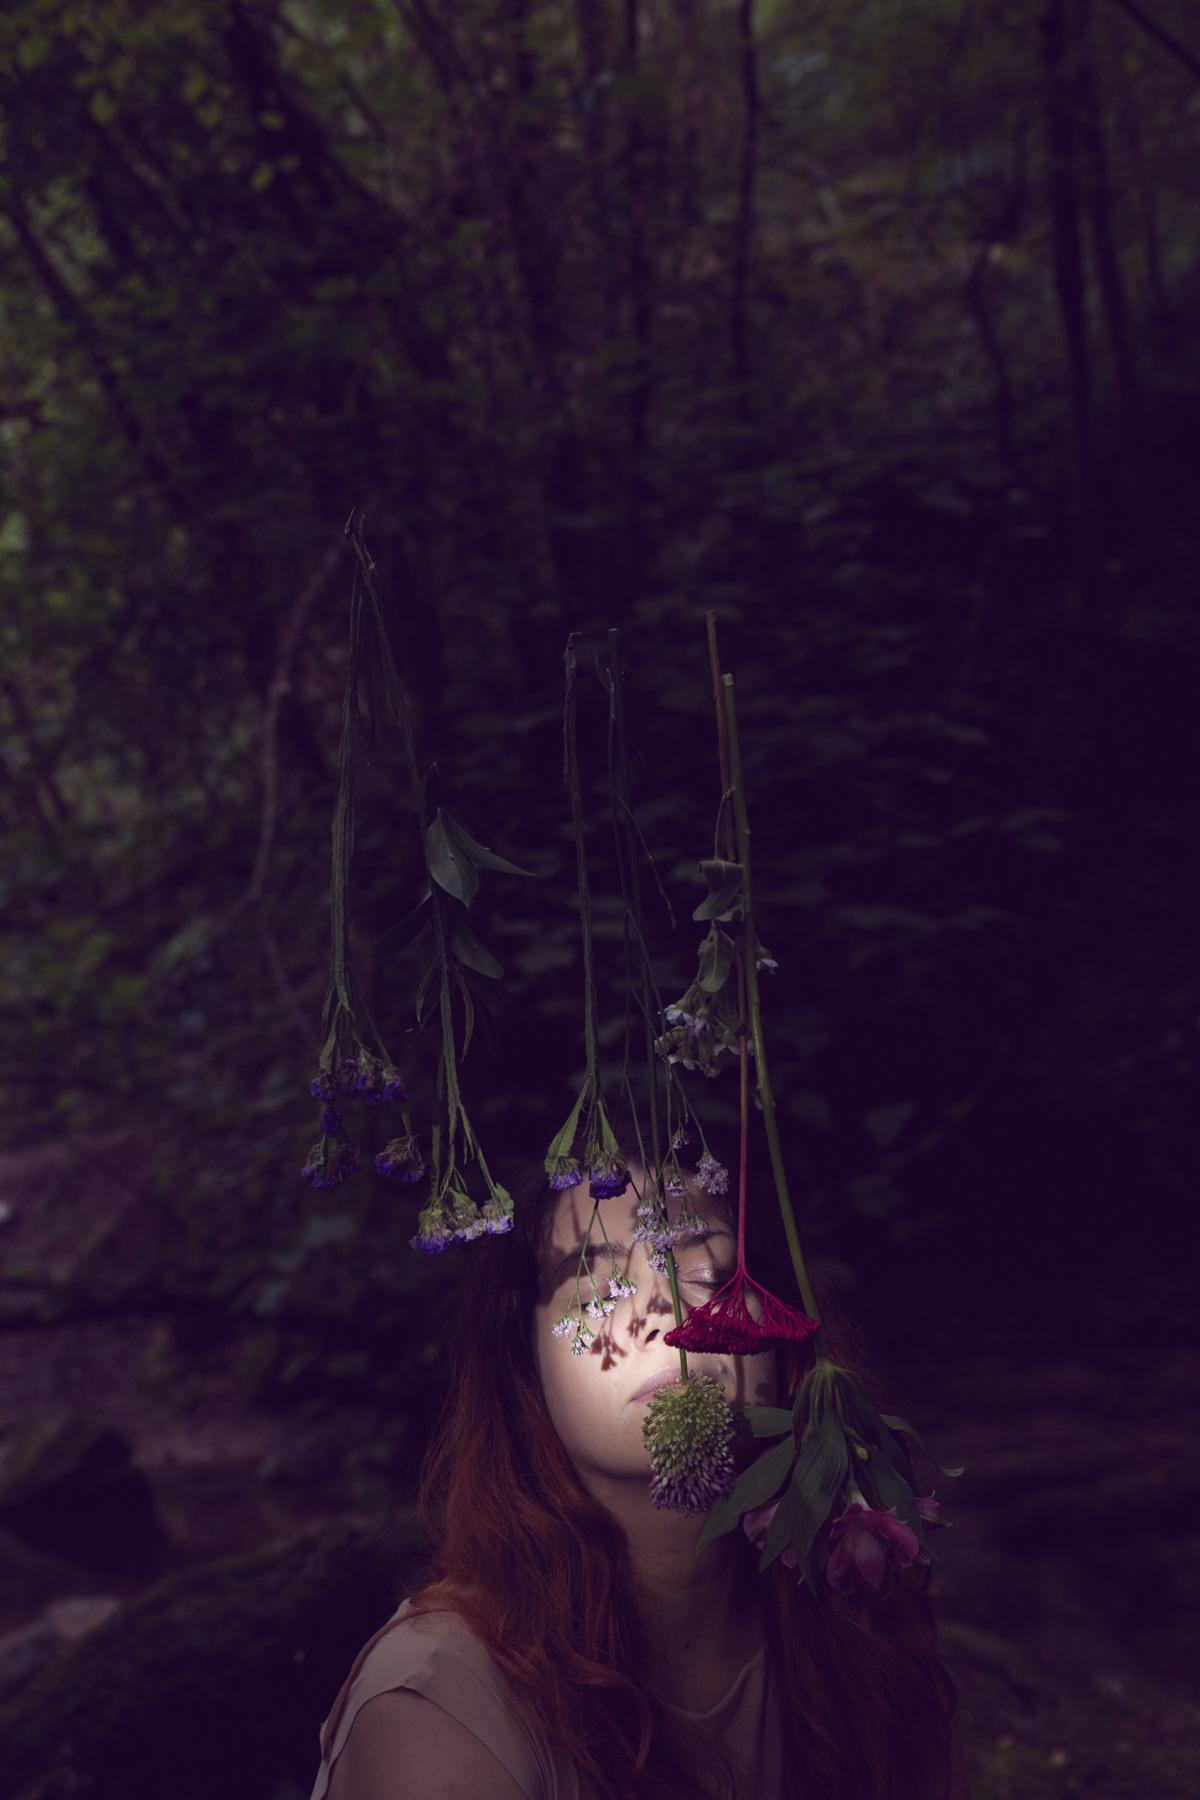 fioriture capovolte #1